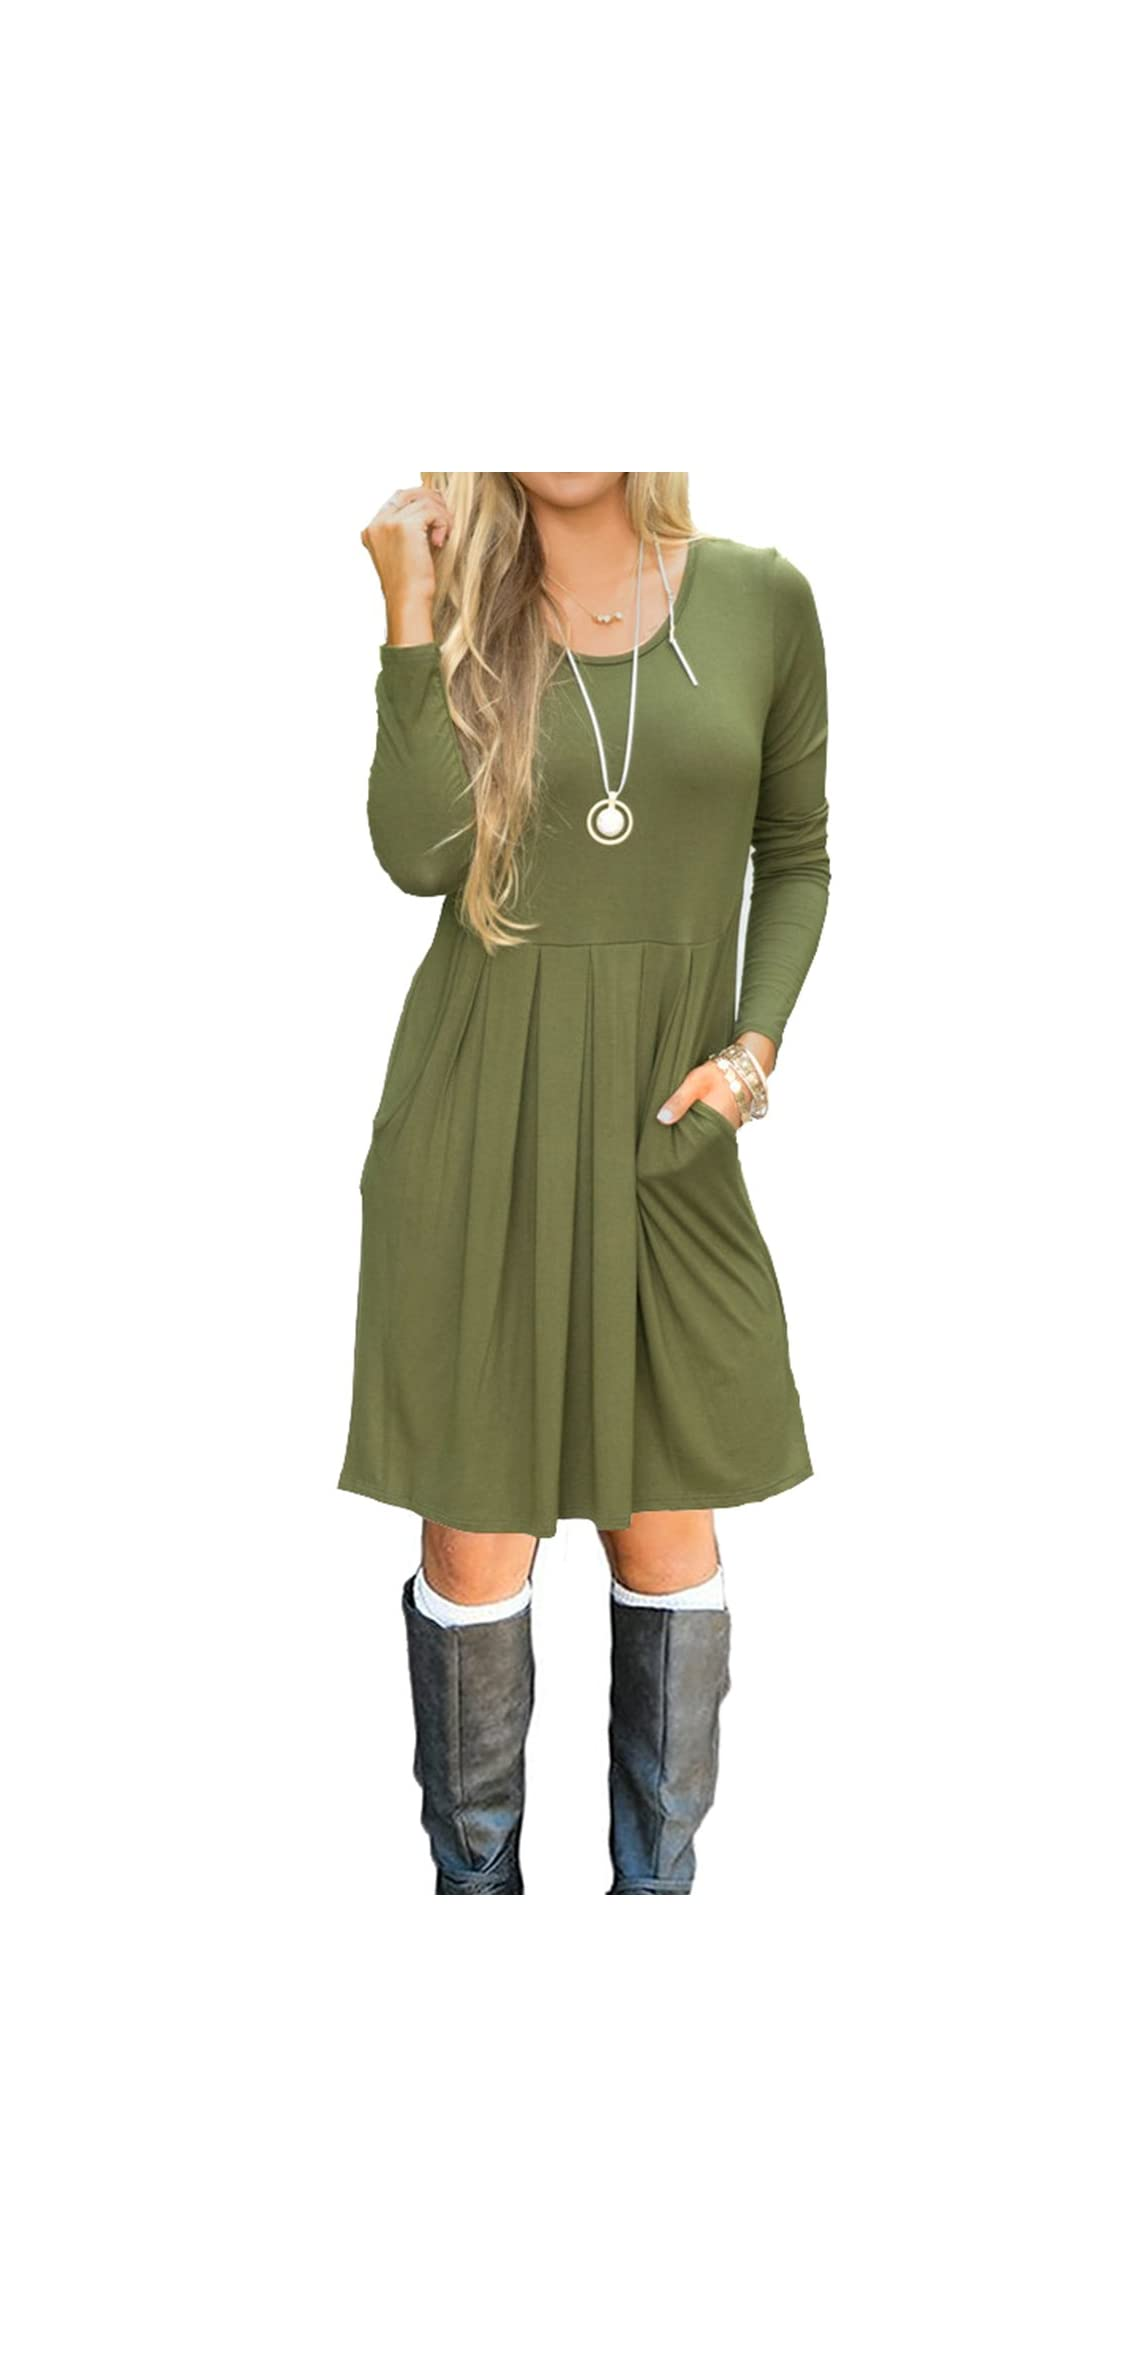 Women's Long Sleeve Pleated Loose Swing Casual Dress